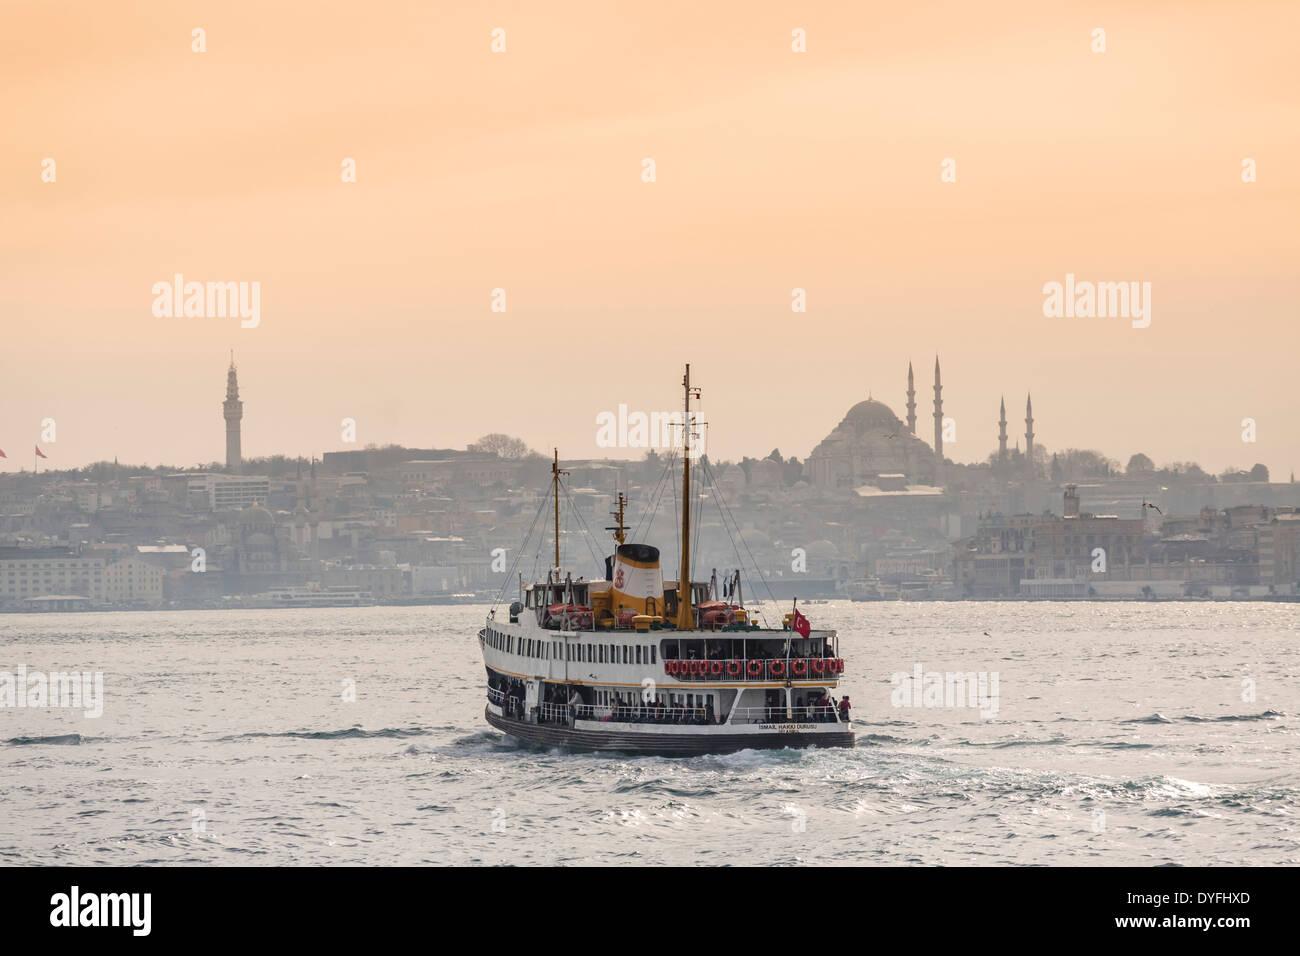 Barca o traghetto sul Bosforo la rubrica nel quartiere Eminonu, Istanbul, Turchia Immagini Stock